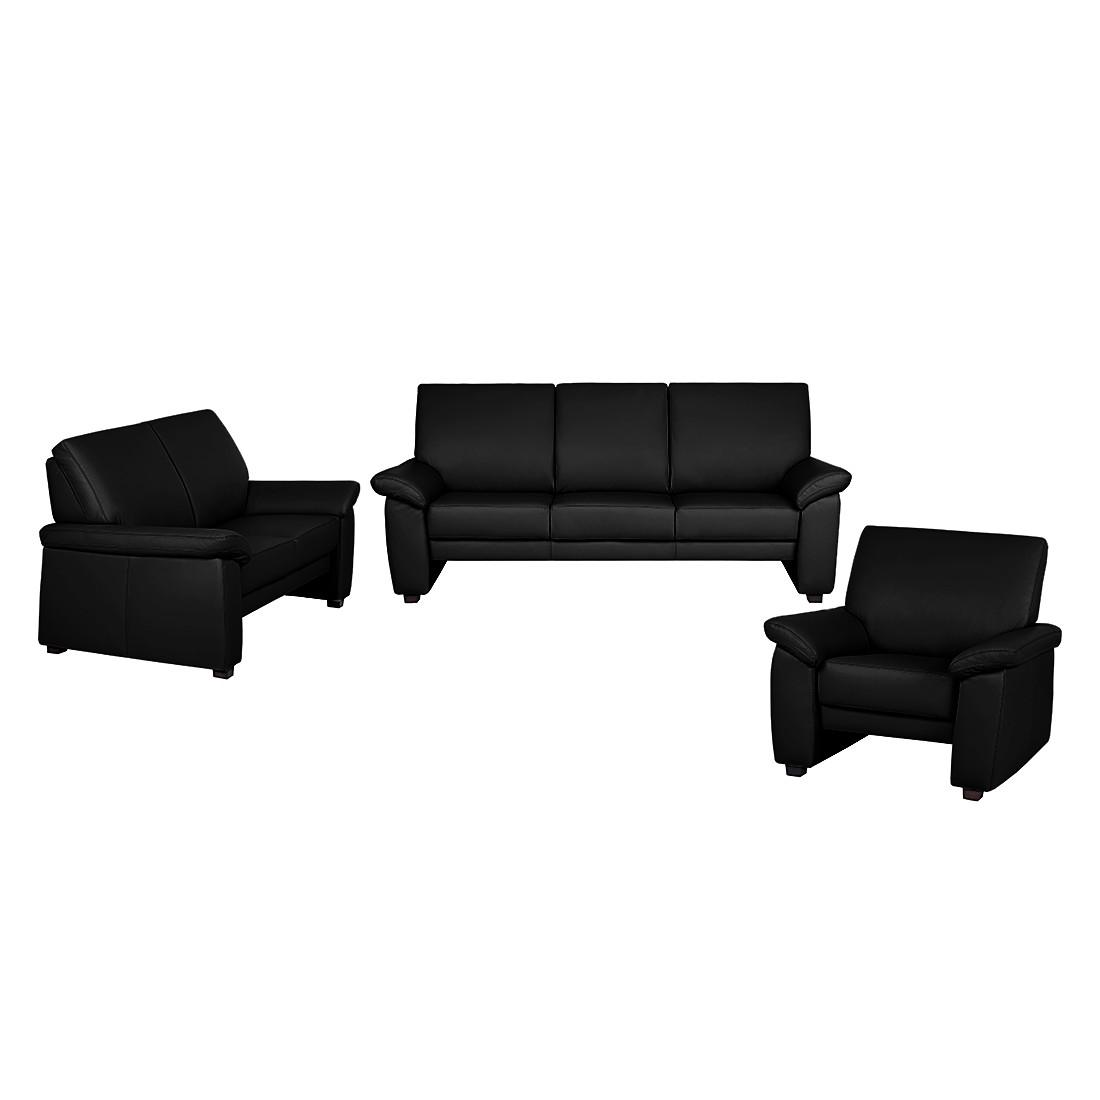 Canapé panoramique Grimsby (3 -2 -1) - Cuir synthétique noir, Nuovoform